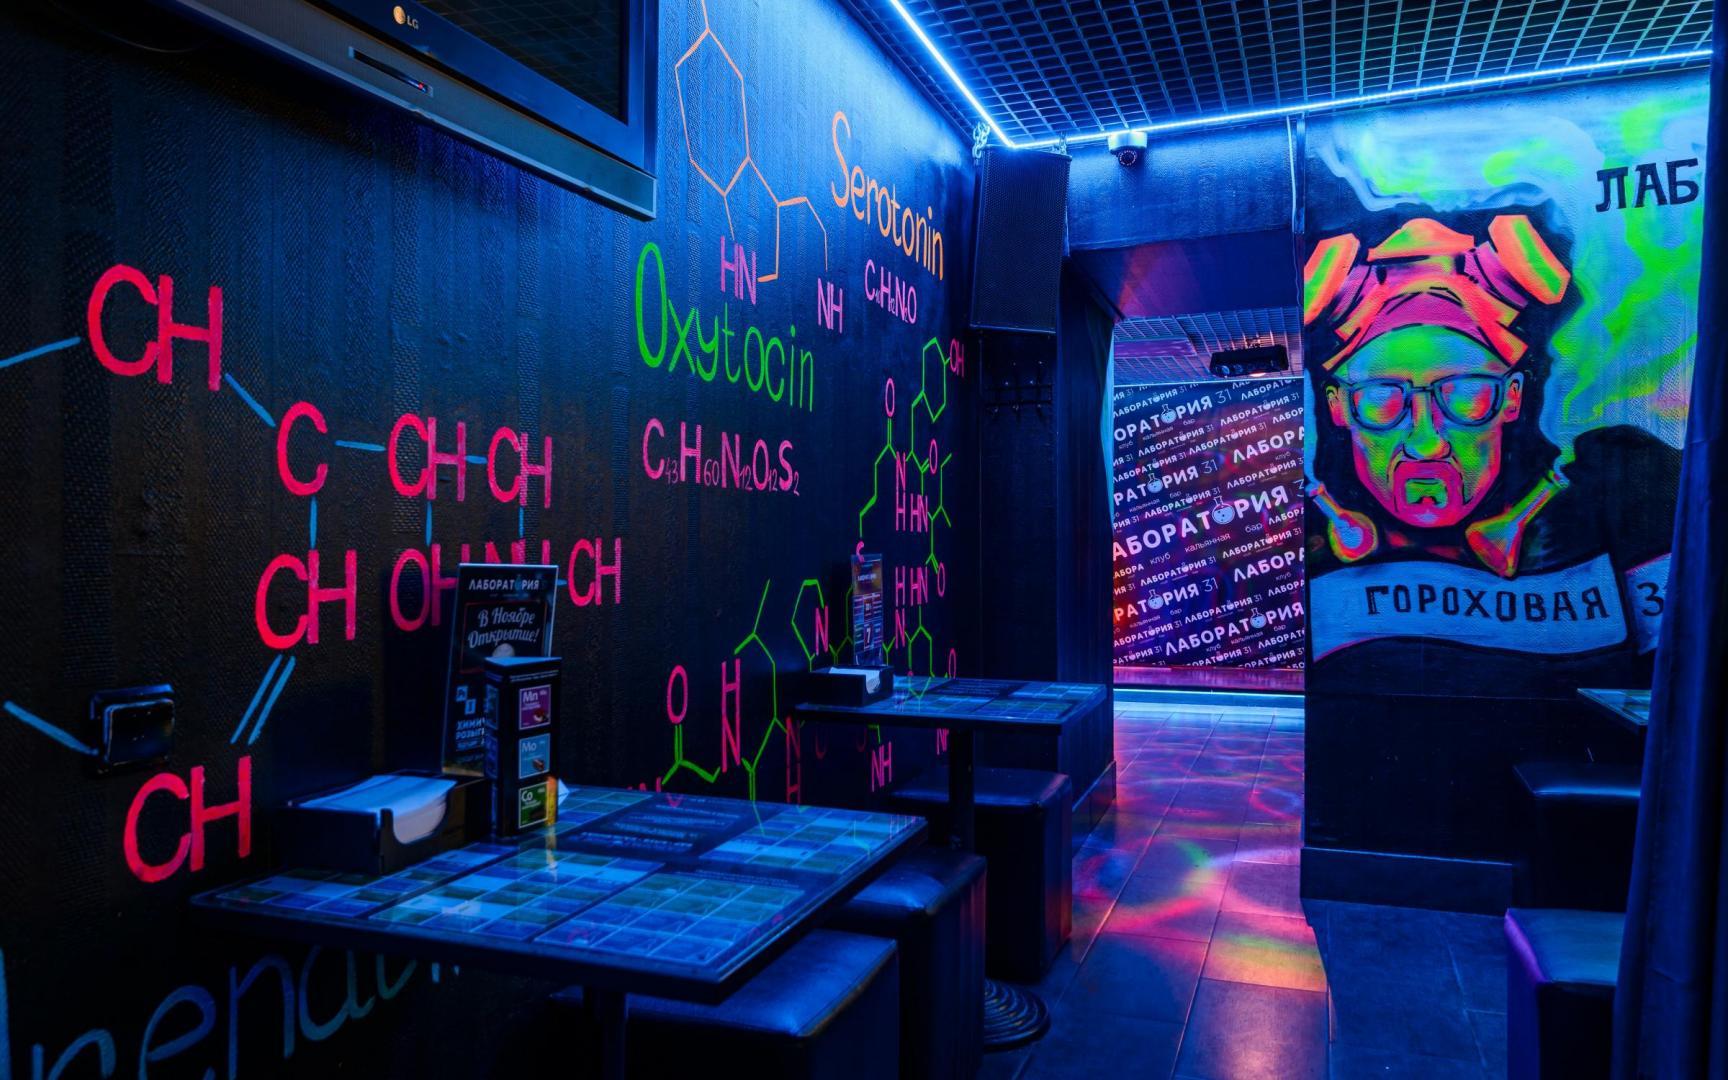 Лаборатория ночной клуб работа москвы в ночных клубах г